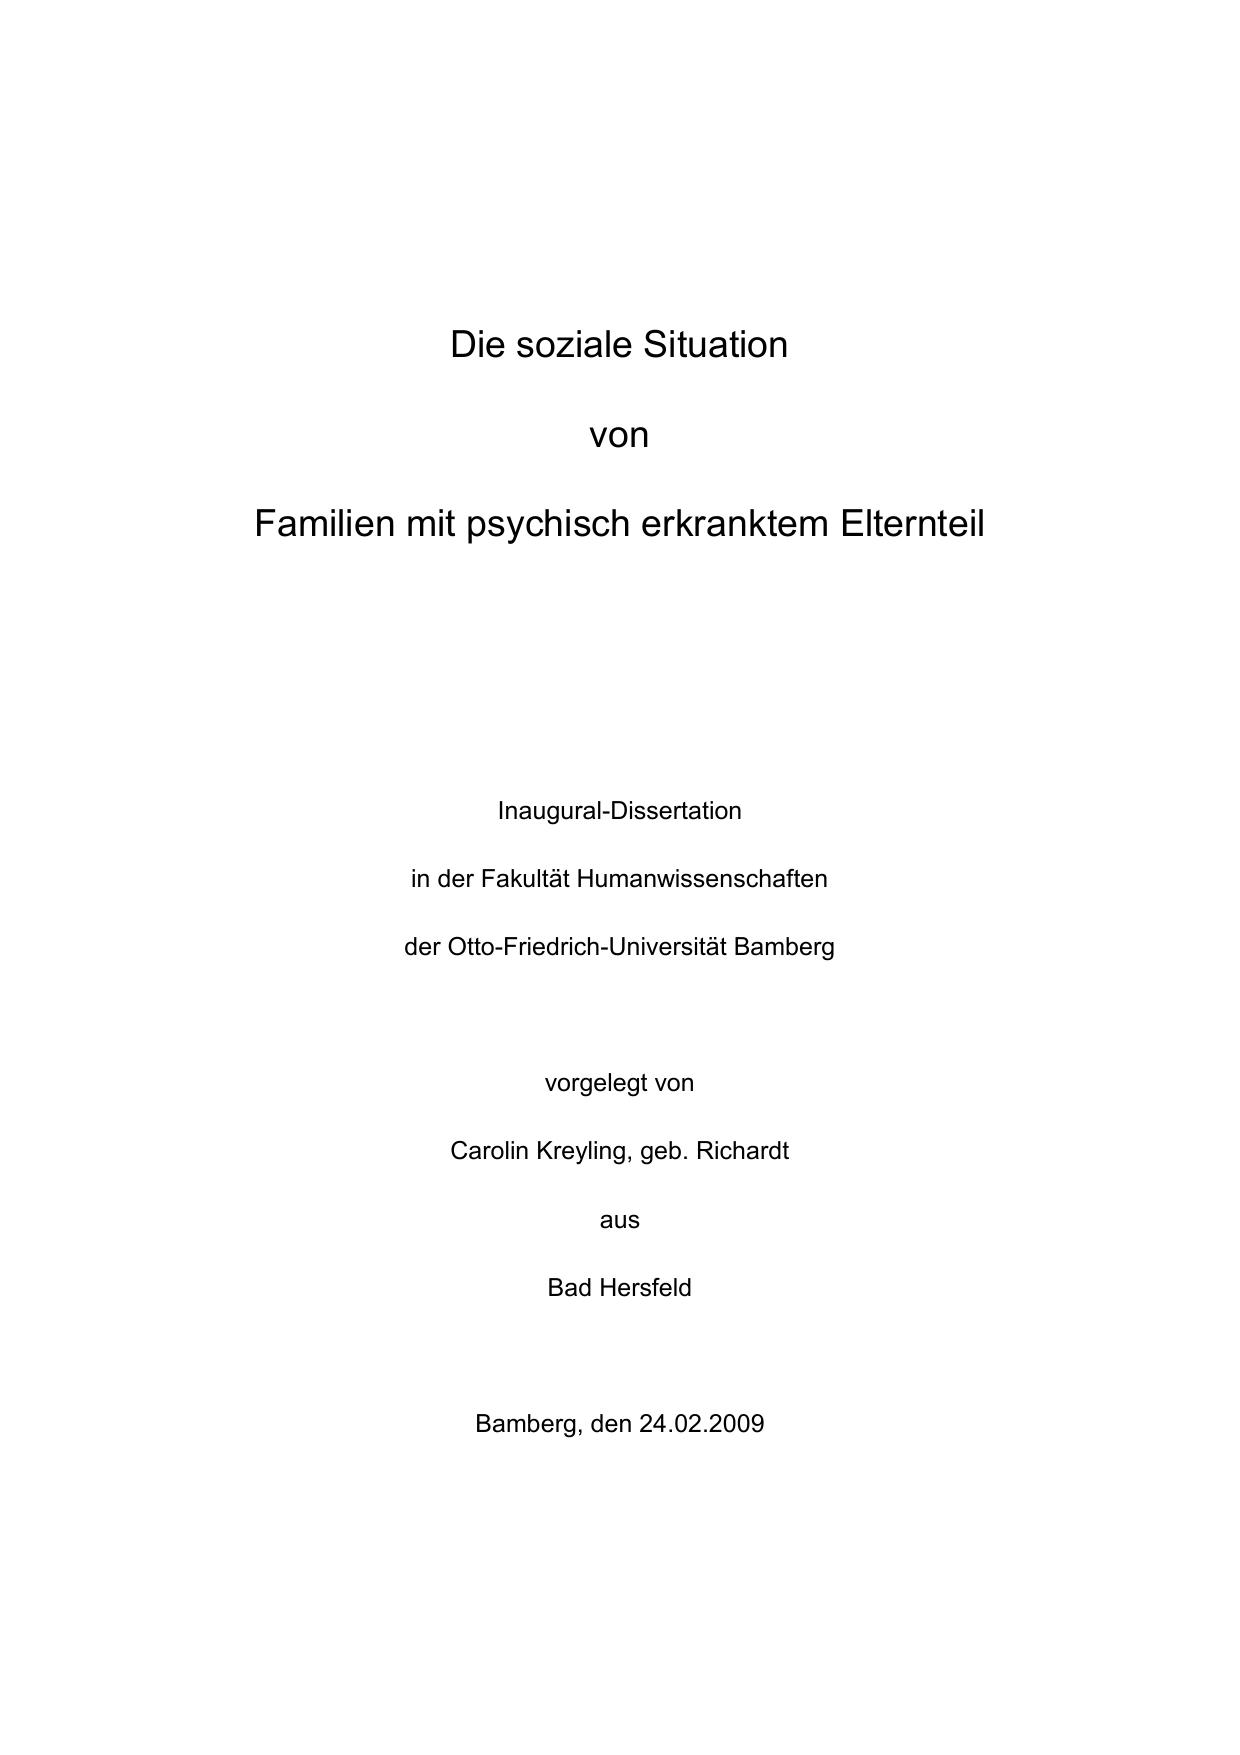 Dissertation Gesamt Stand 2009_02_VII_2